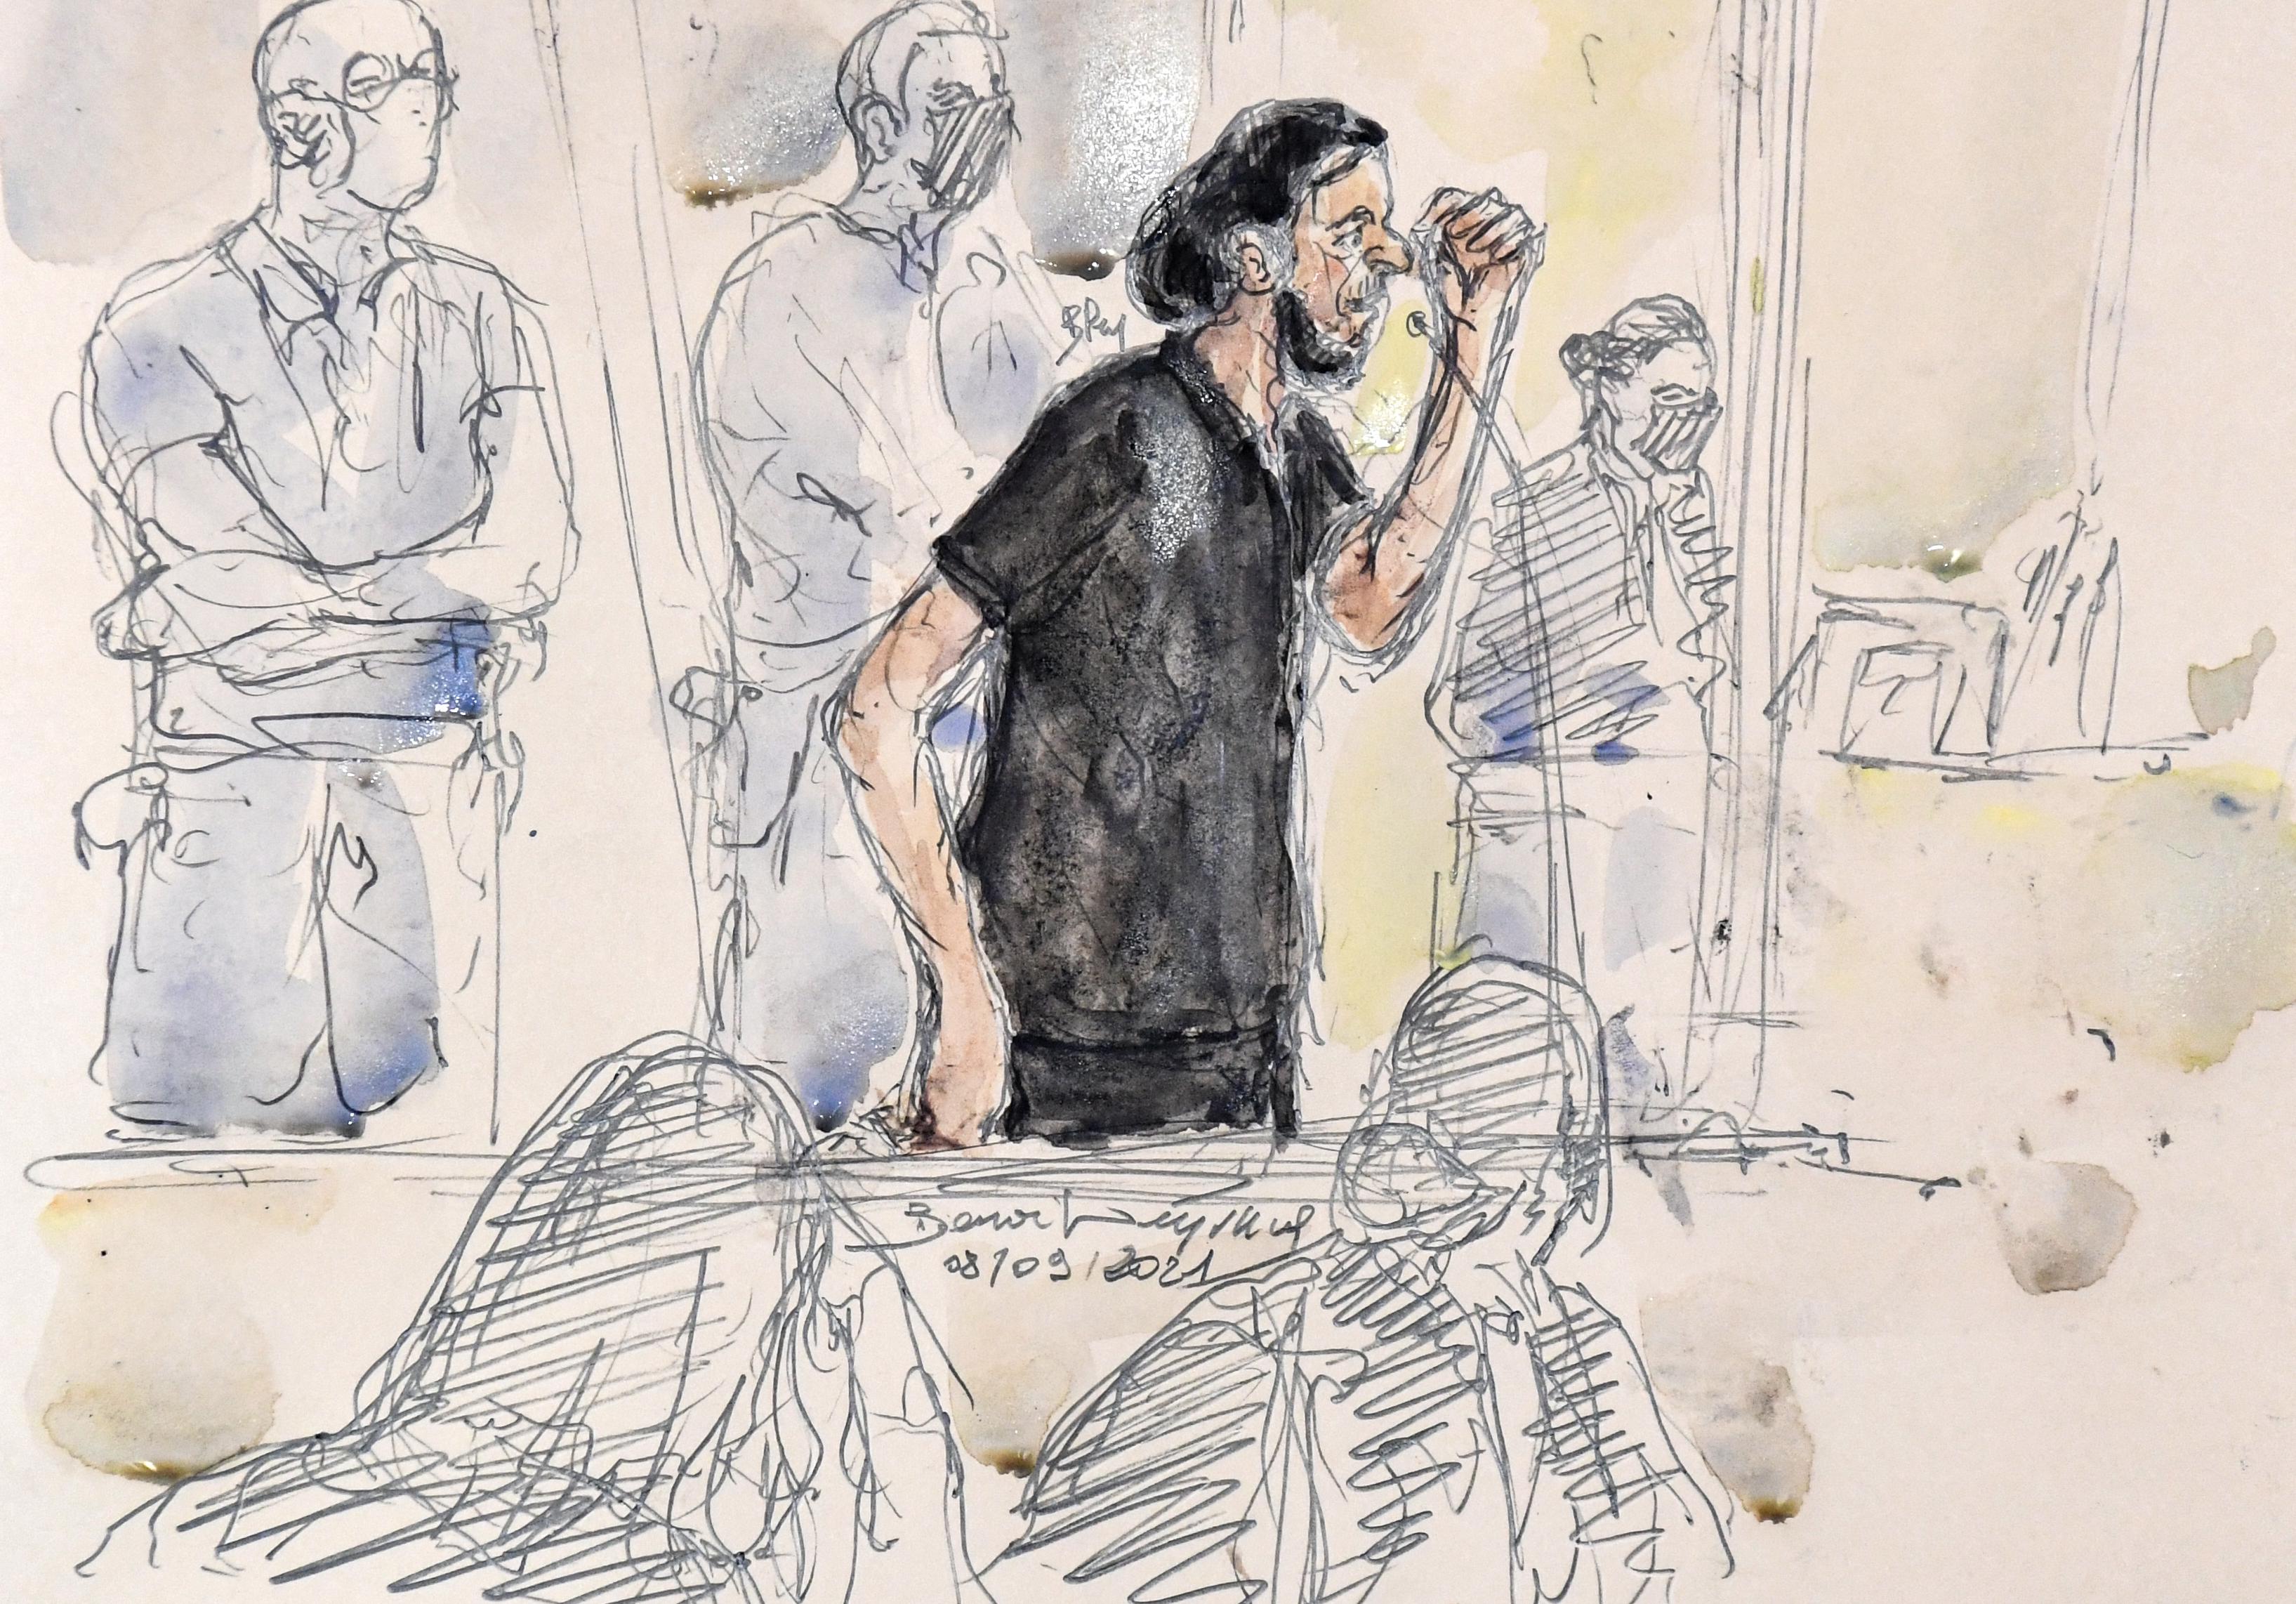 Megszakították Salah Abdeslam meghallgatását a párizsi terroristaper második napján